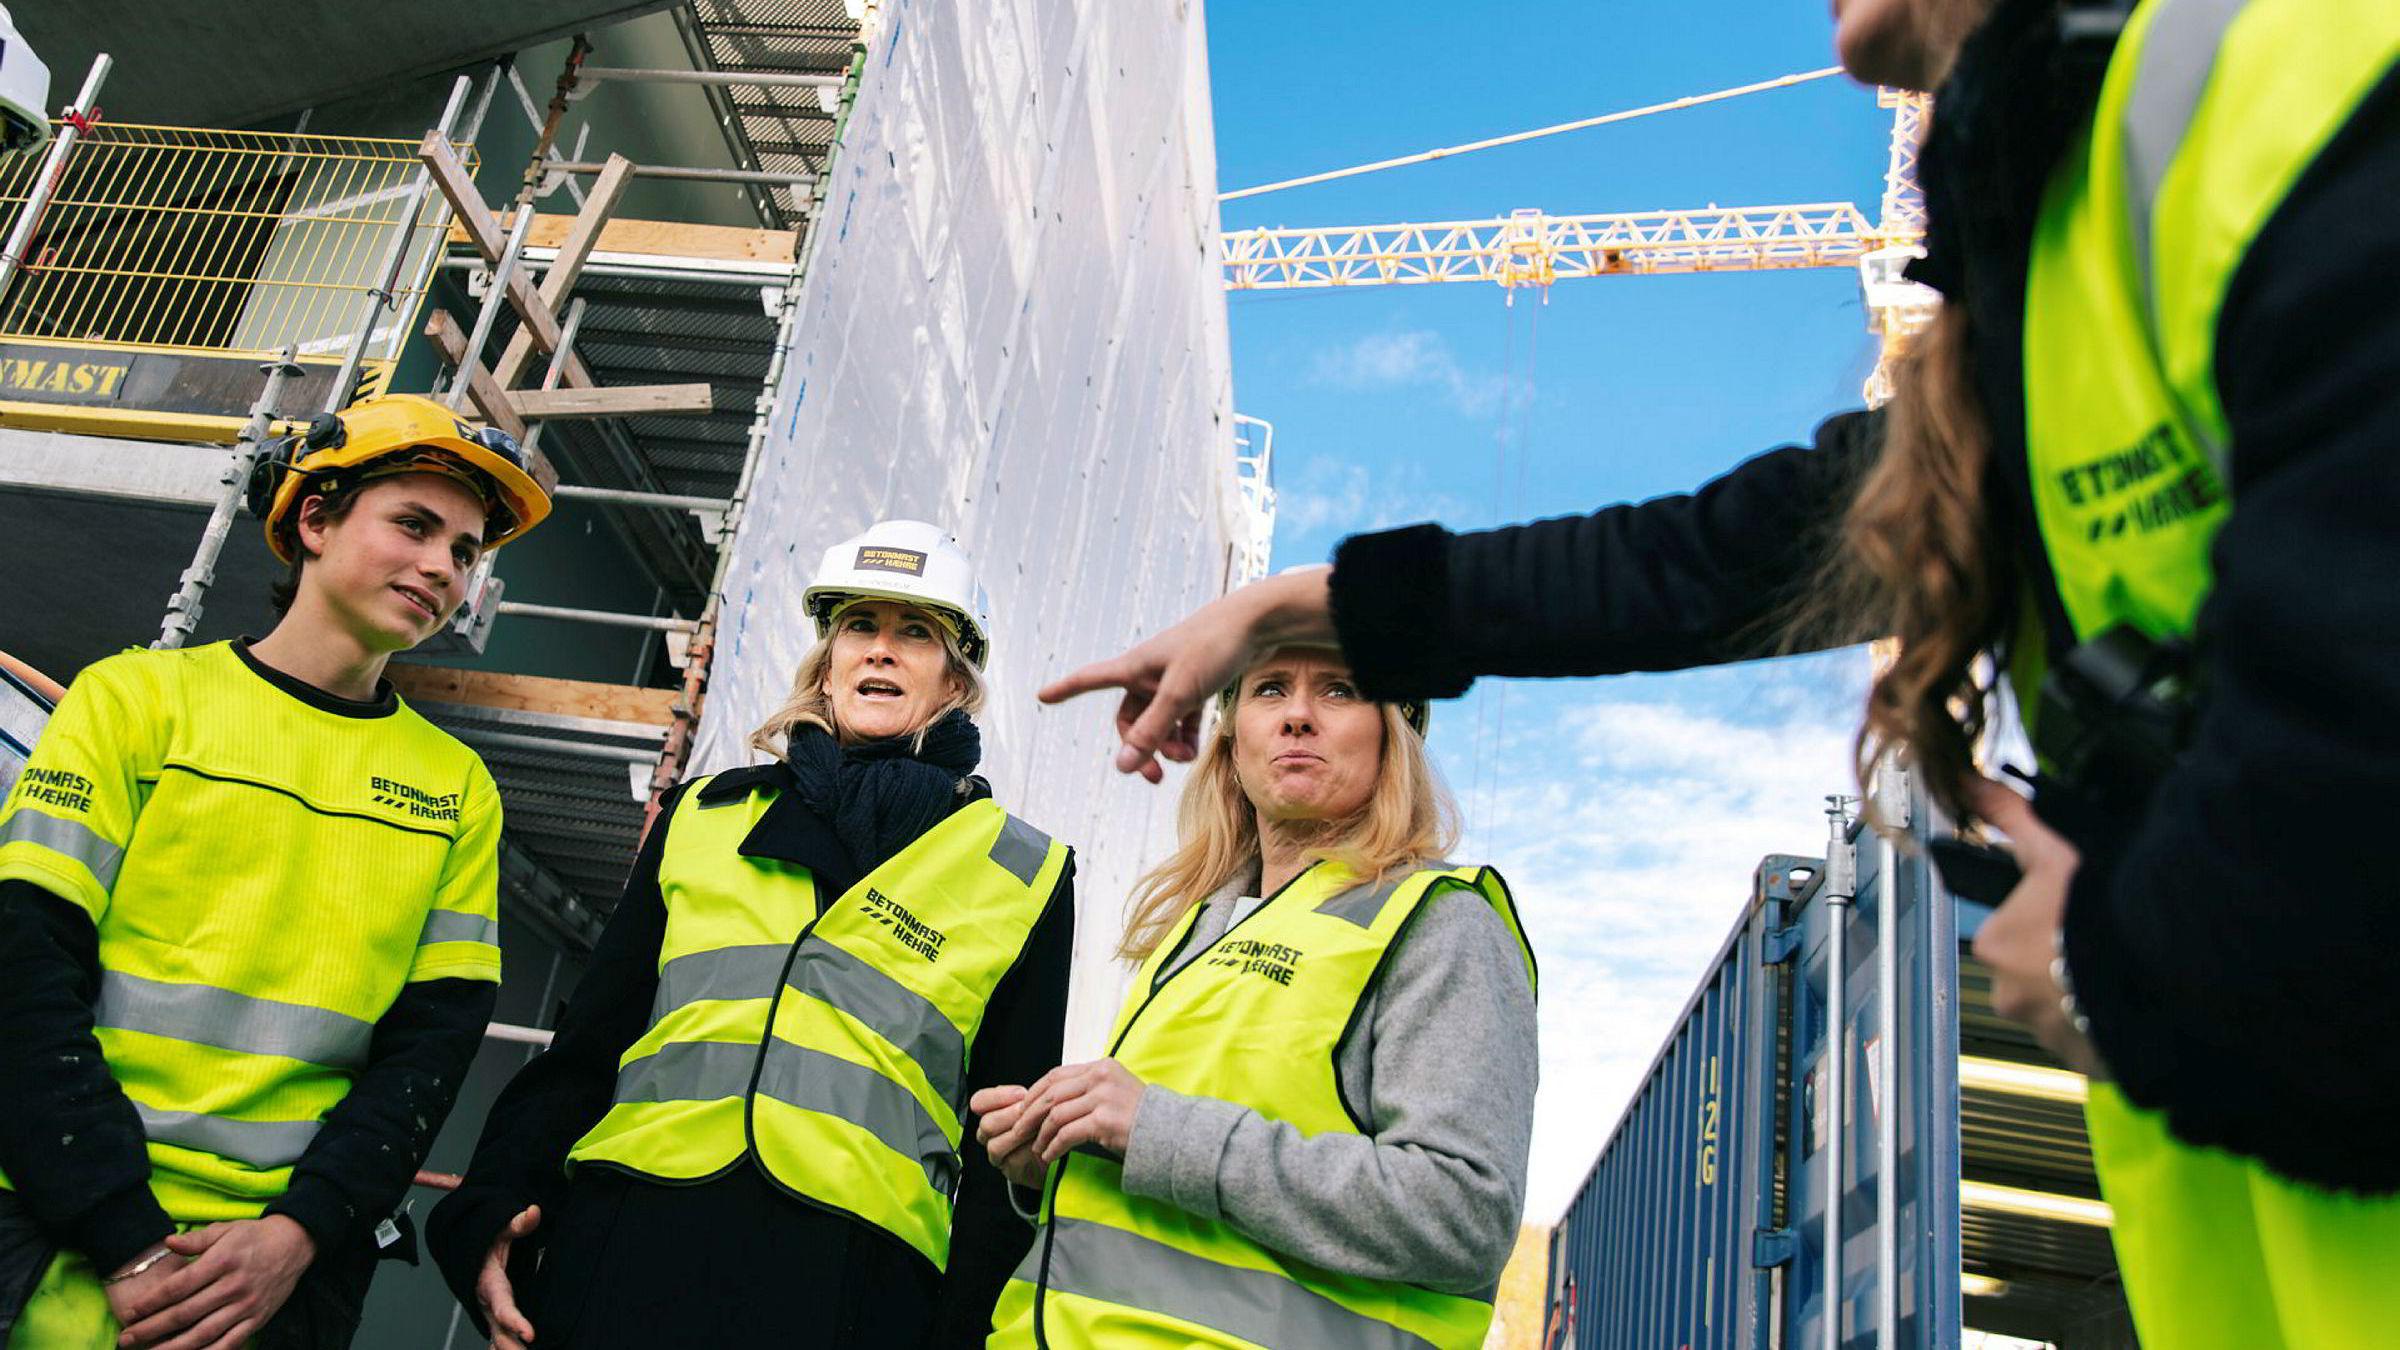 Behovet for kvalifisert arbeidskraft er stor i mange bransjer og fylker i Norge. Samtidig tar færre enn før videreutdanning.